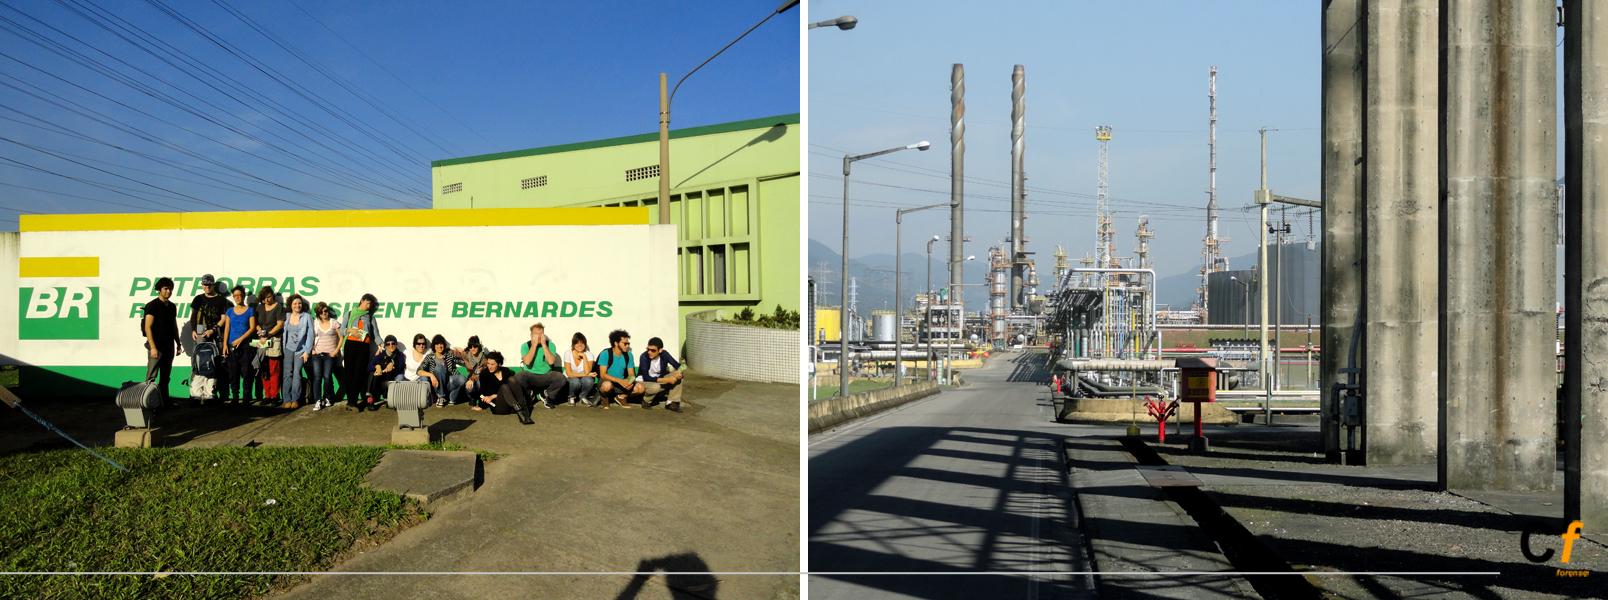 visita a la refinería de PETROBRAS, Cubatao, Sao Paulo, Brasil